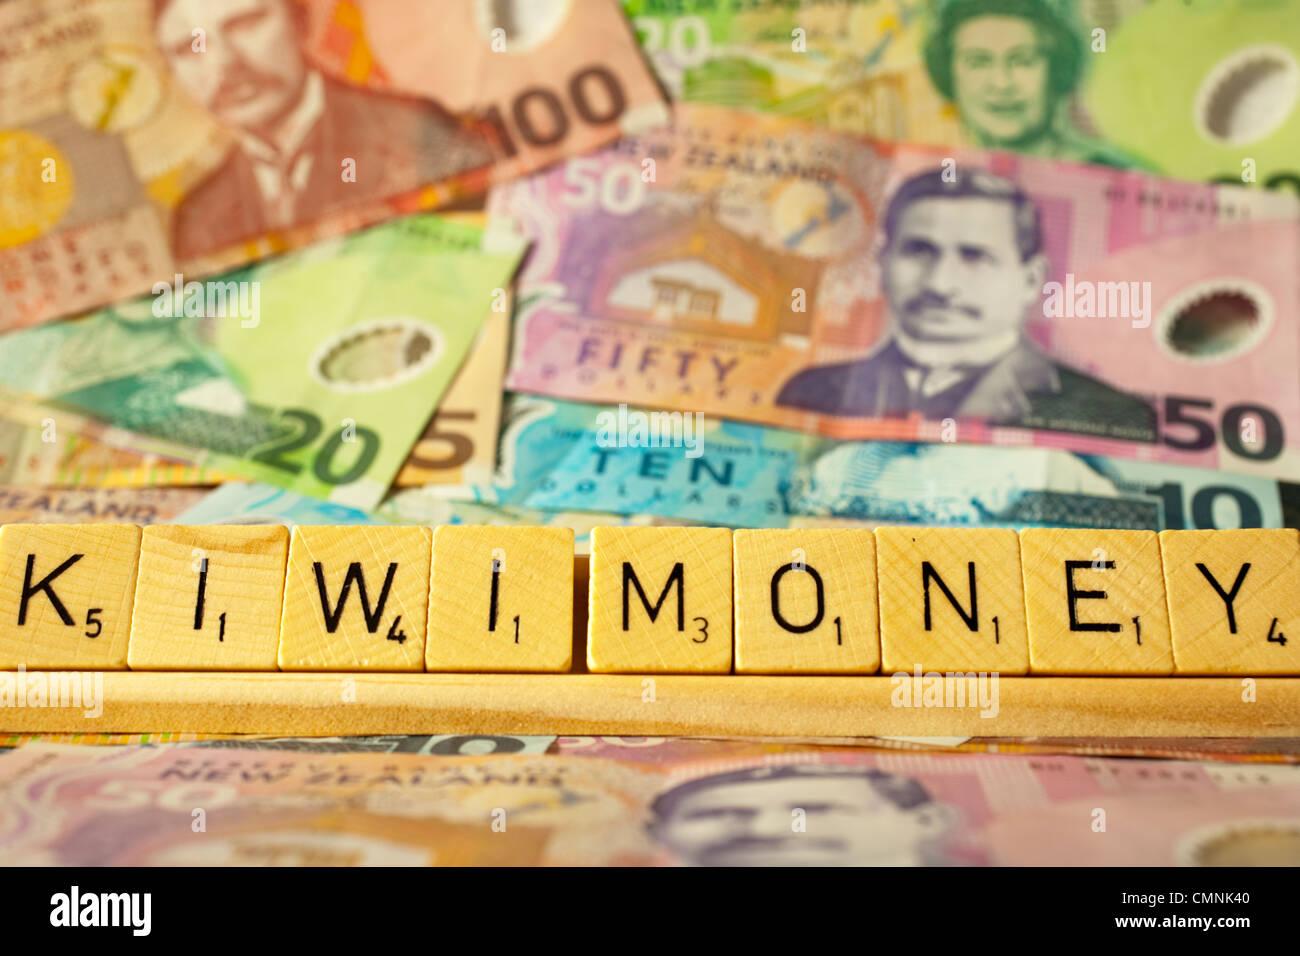 Neuseeland Währung und Scrabble Fliesen, die Rechtschreibung der Wörter Kiwi Geld. Stockbild